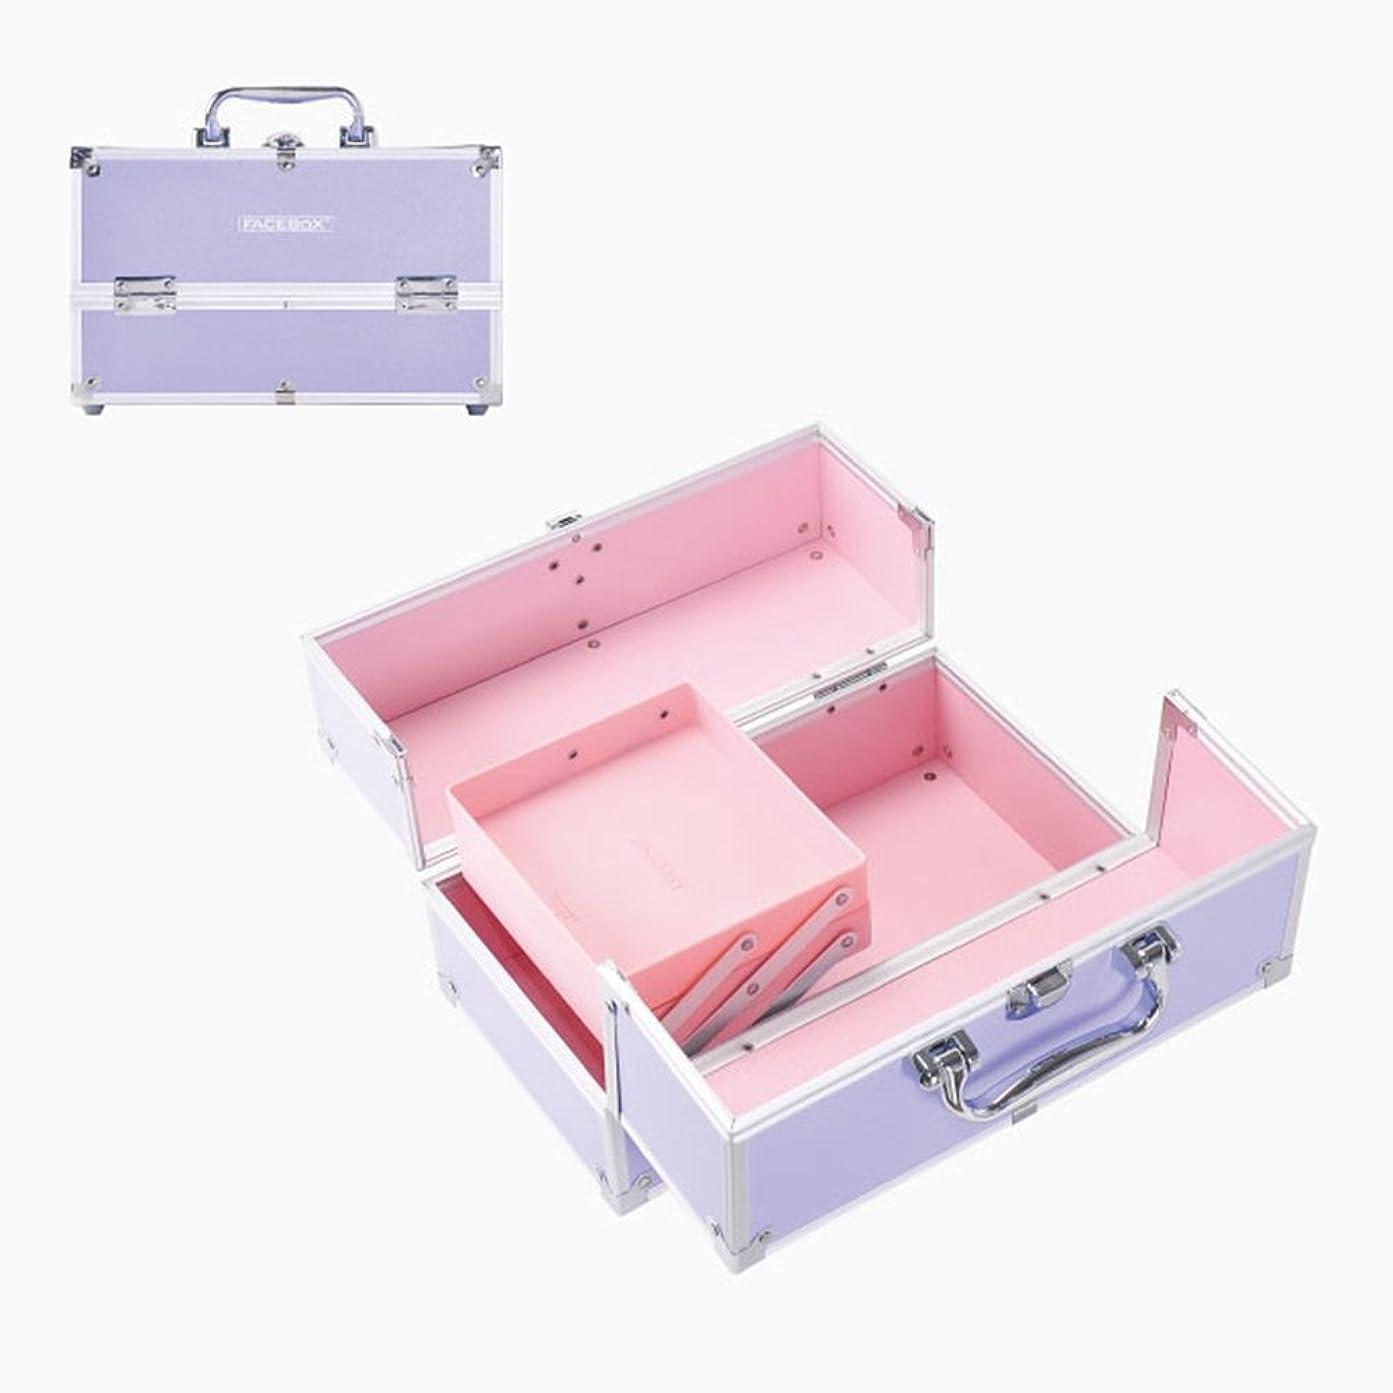 作業派手スロー「XINXIKEJI」メイクボックス コスメボックス 大容量 2段/3段 化粧ボックス スプロも納得 収納力抜群 鍵付き かわいい 祝日プレゼント  取っ手付 コスメBOX